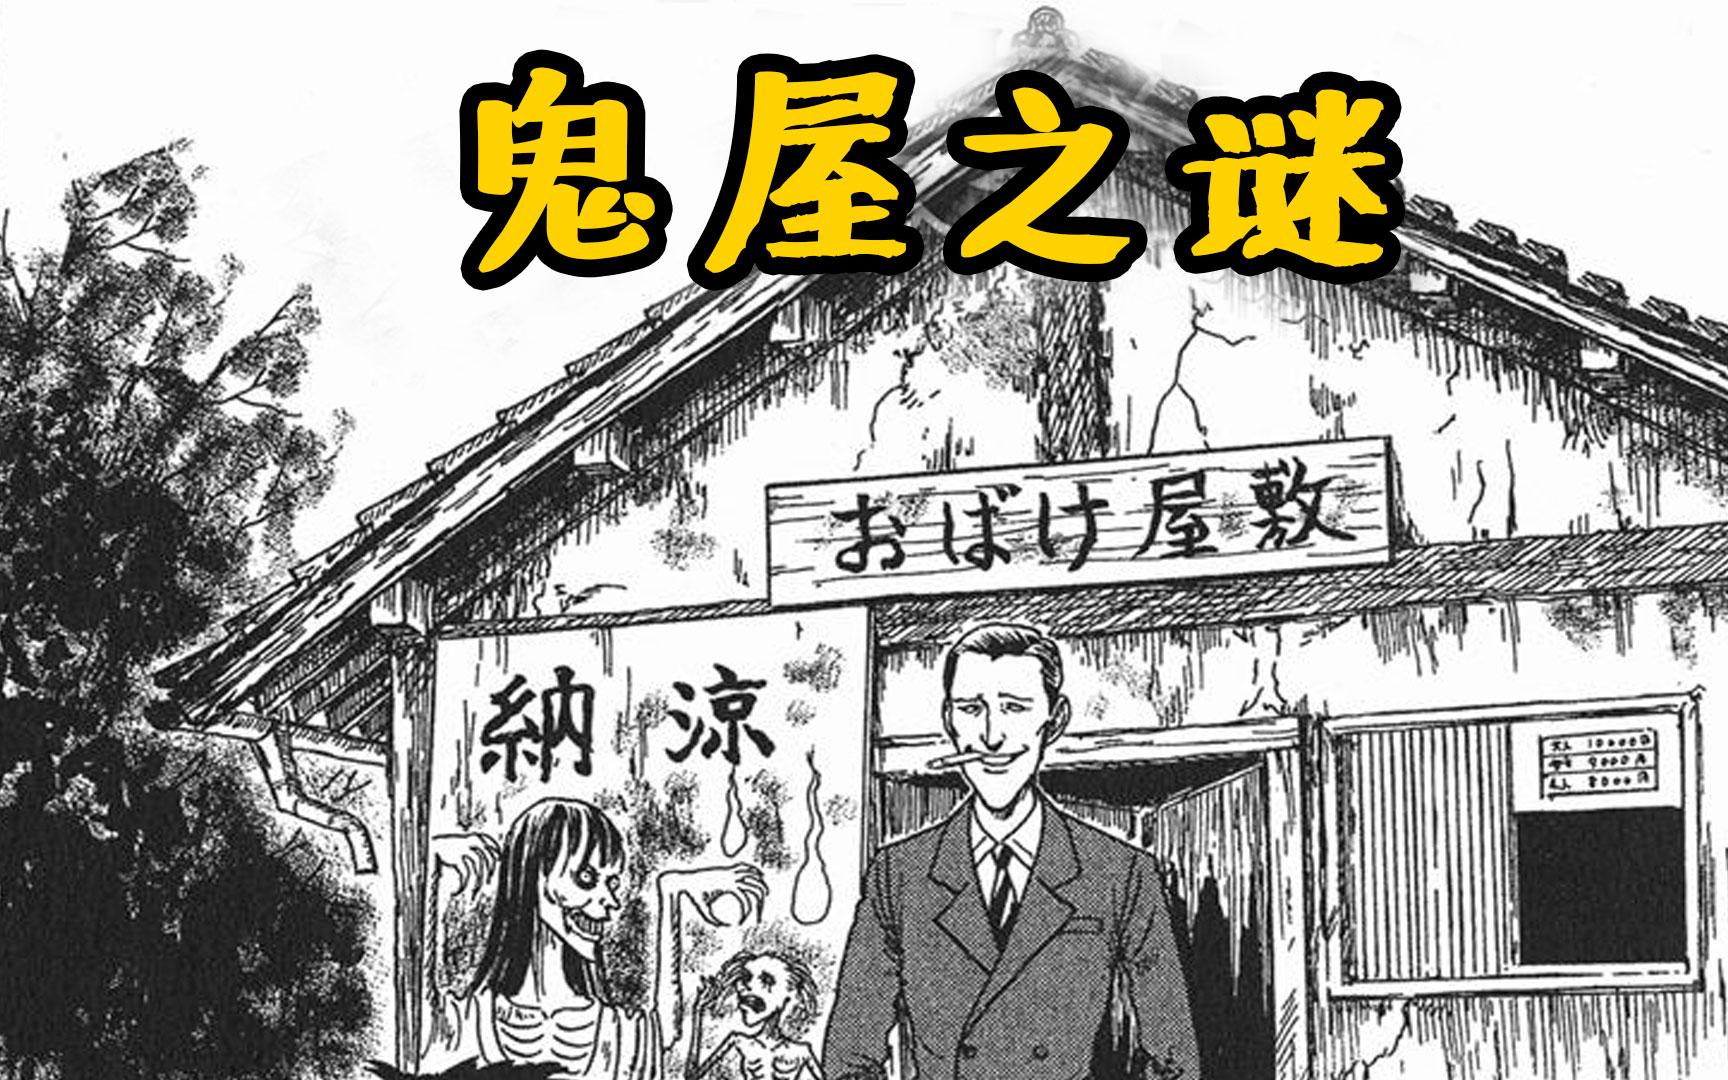 【森崎漫画屋】炎炎夏日 快来双一的鬼屋纳凉 《双一的恣意诅咒》P10